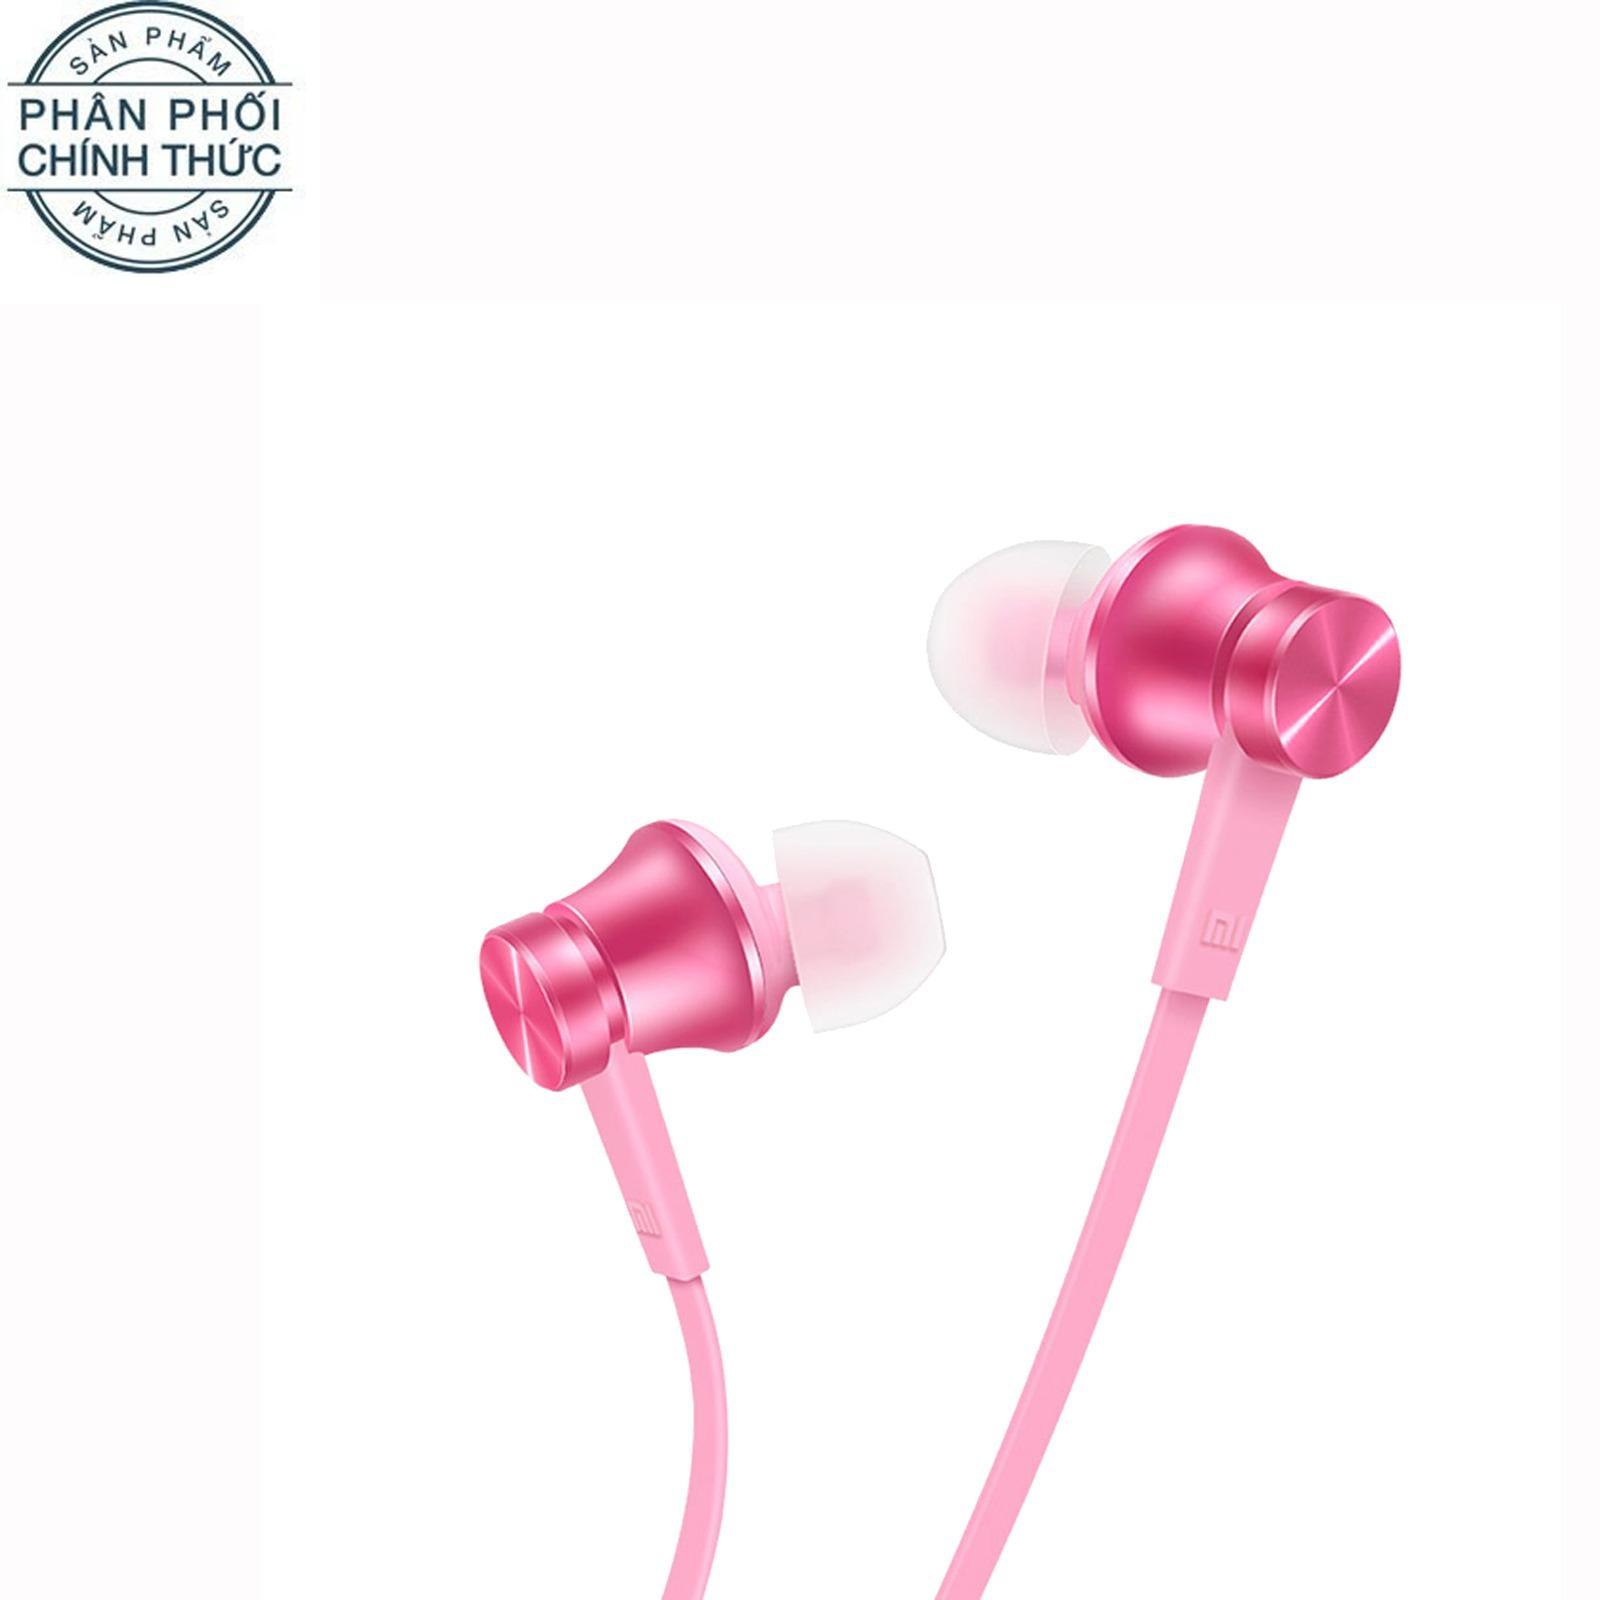 Giá Bán Tai Nghe Nhet Tai Xiaomi Mi In Ear Headphones Basic 2016 Hồng Hang Phan Phối Chinh Thức Trực Tuyến